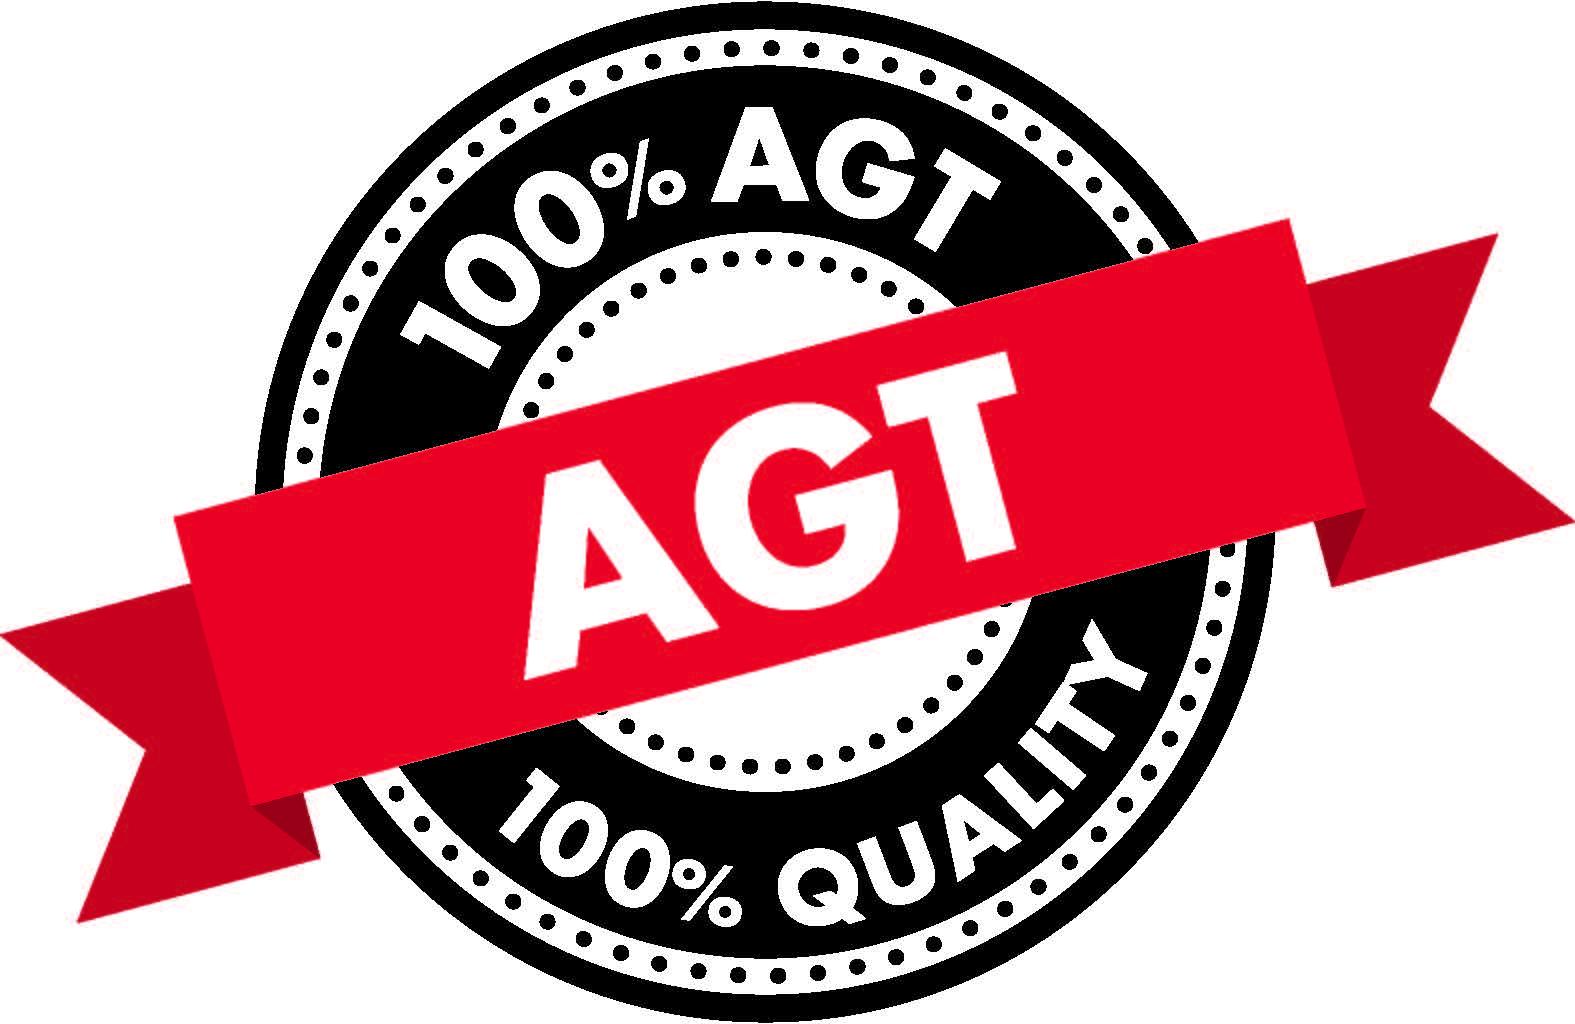 فروش ویژه پارکت لمینت AGT ترکيه